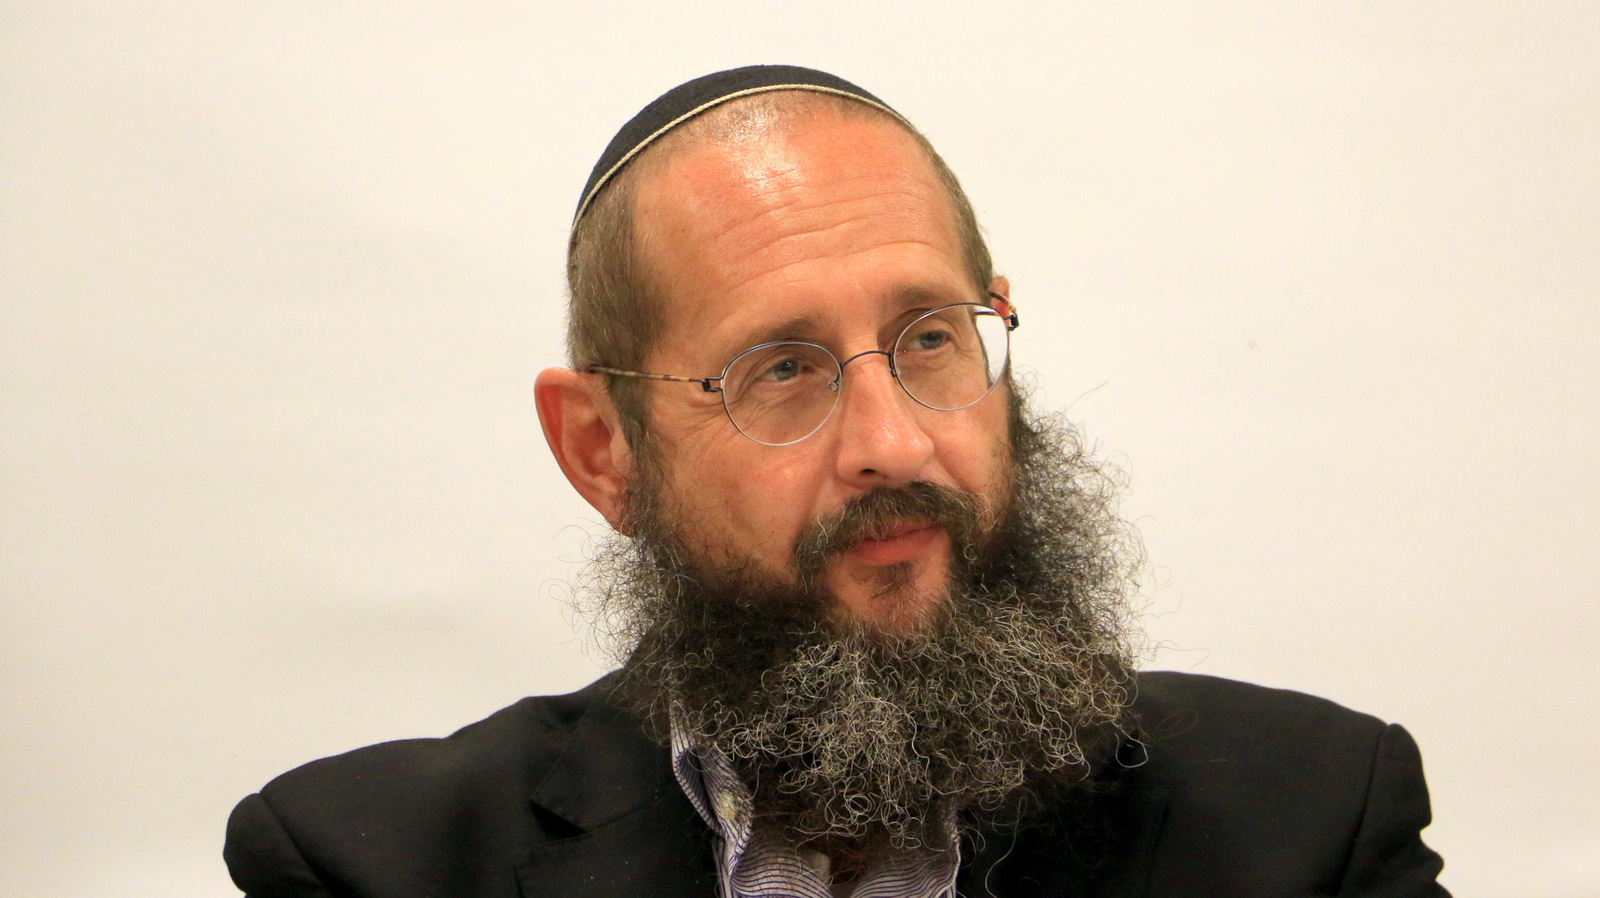 """Résultat de recherche d'images pour """"Photos Rav dynovisz, Être un juif israelien"""""""